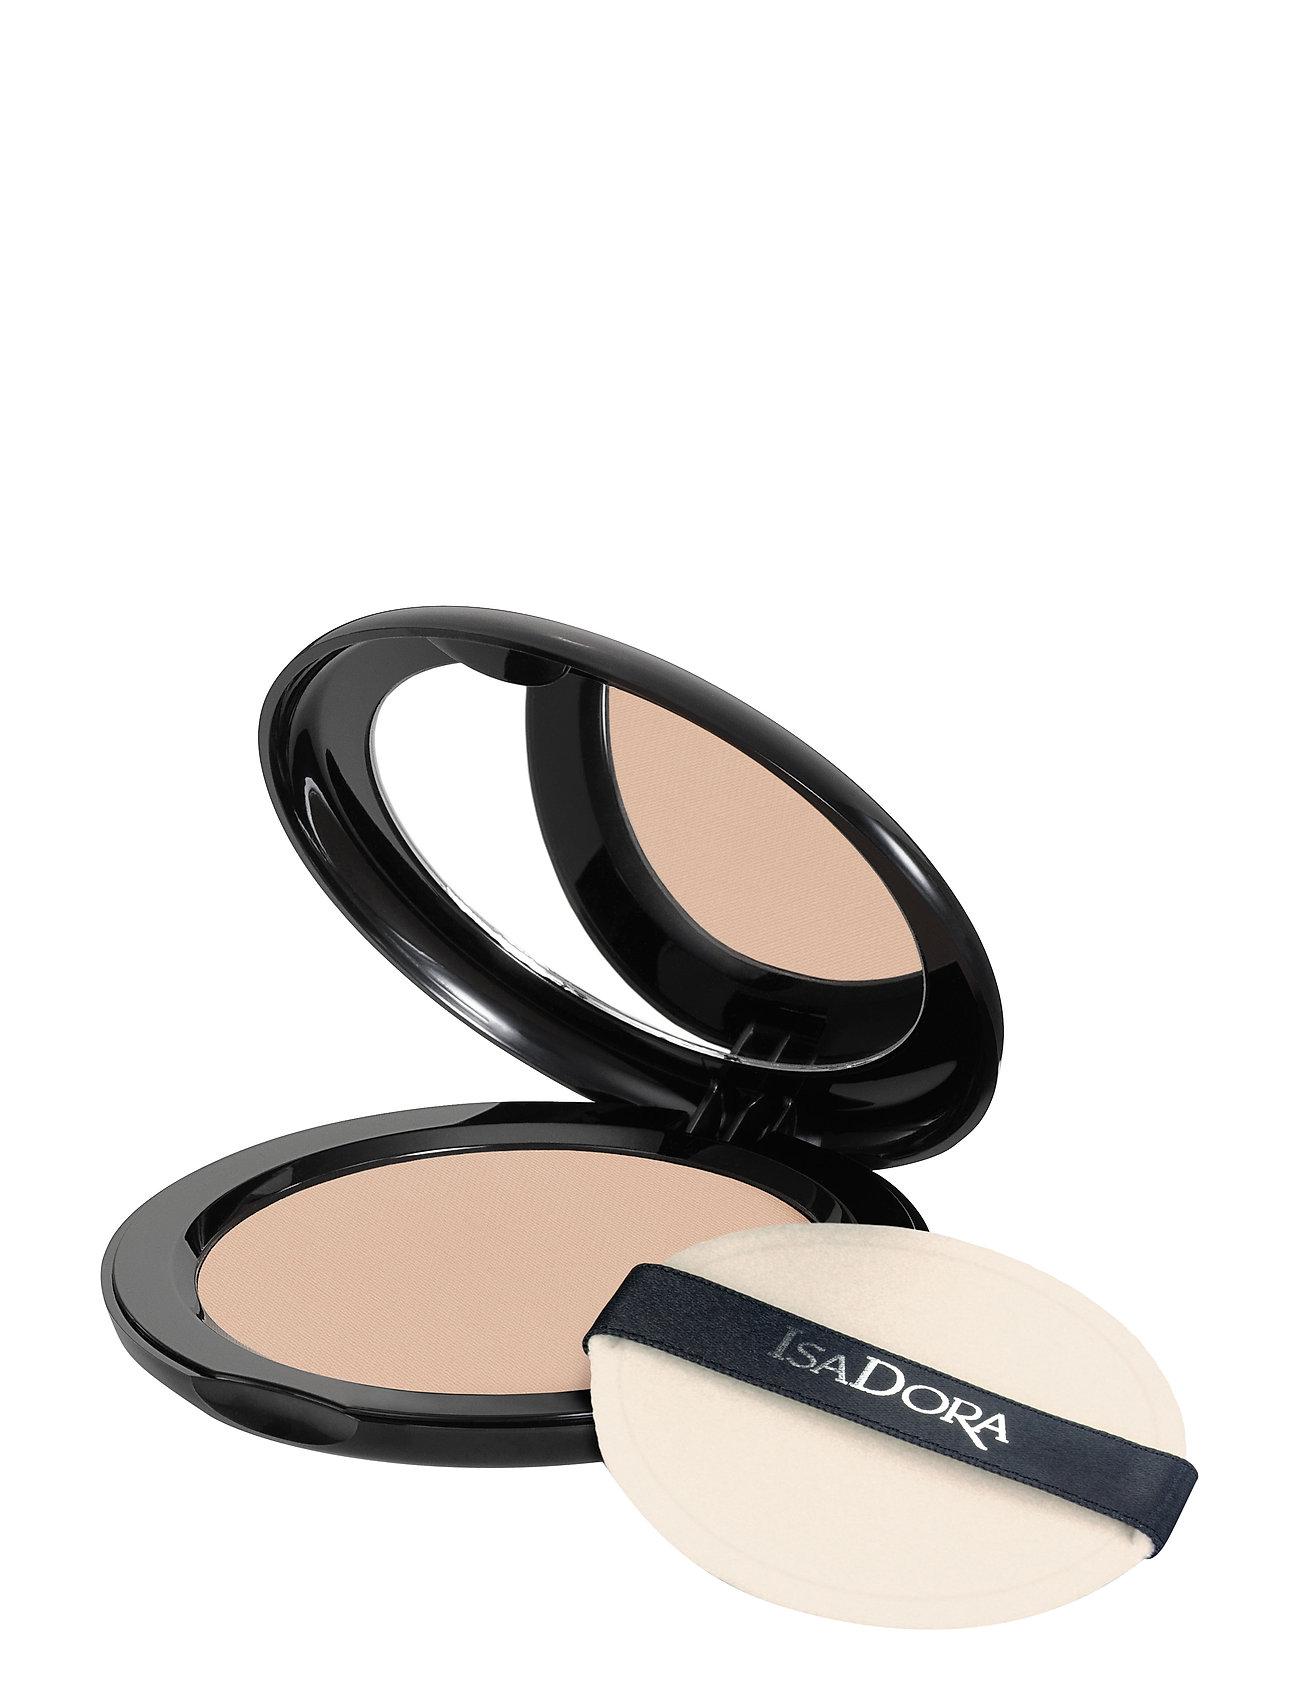 Image of Velvet Touch Compact Powder16 Olive Beige Mist Pudder Makeup Isadora (3290843597)